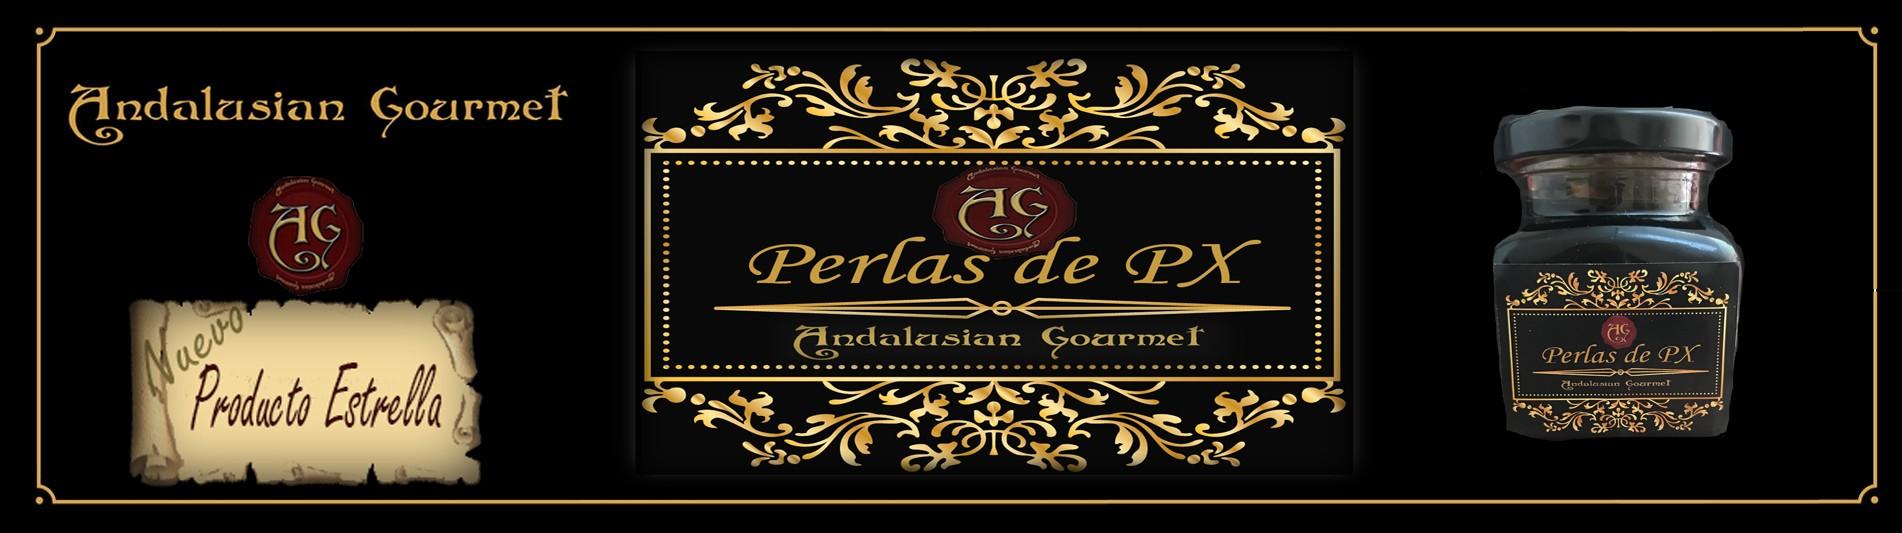 Perlas de Pedro Ximenez